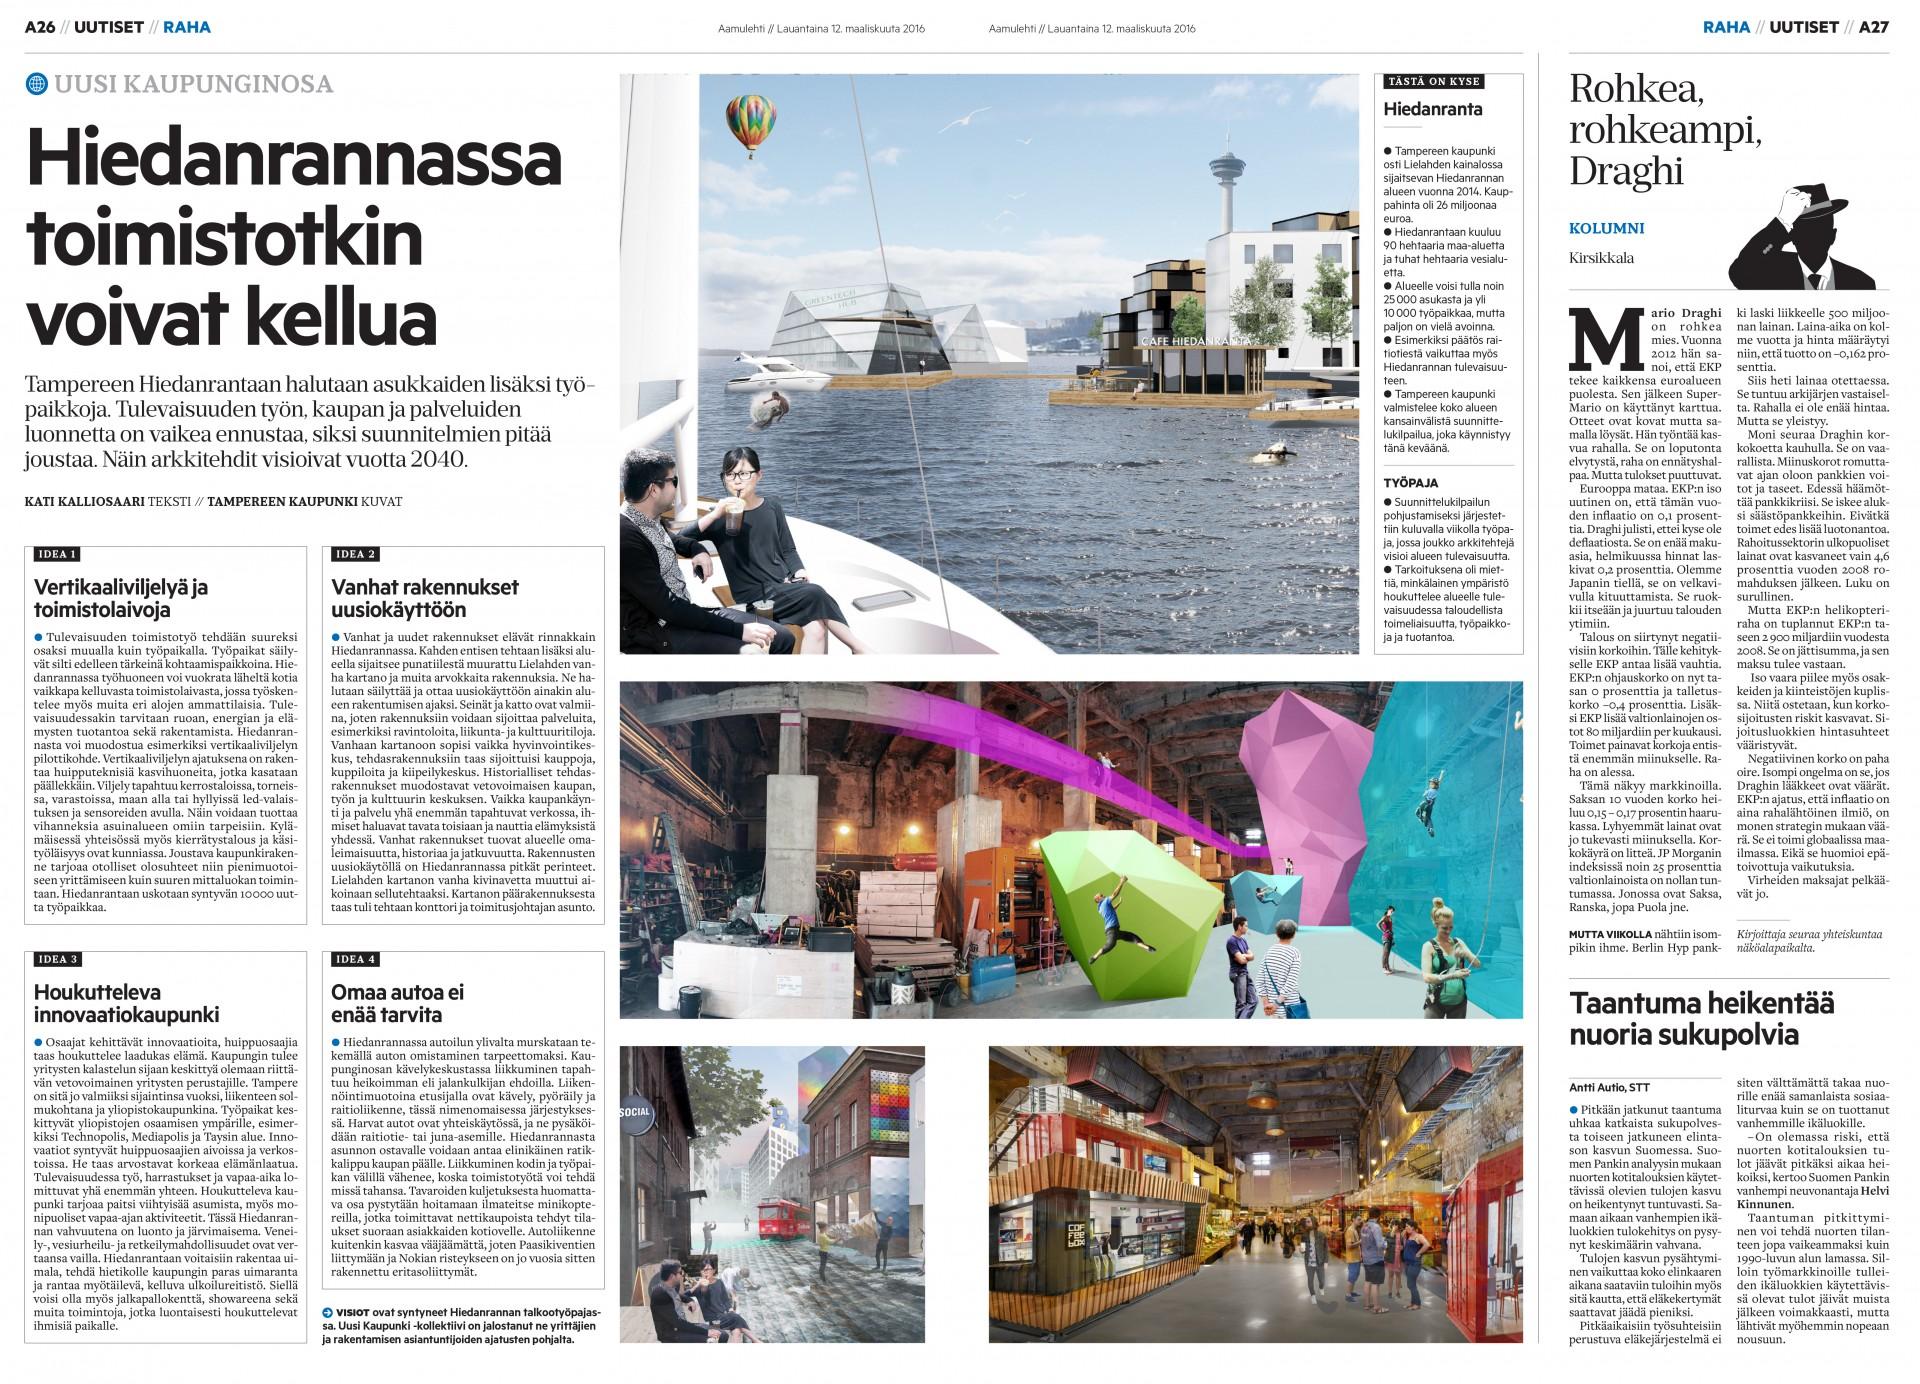 Hiedanranta1ja2, Kati Kalliosaari